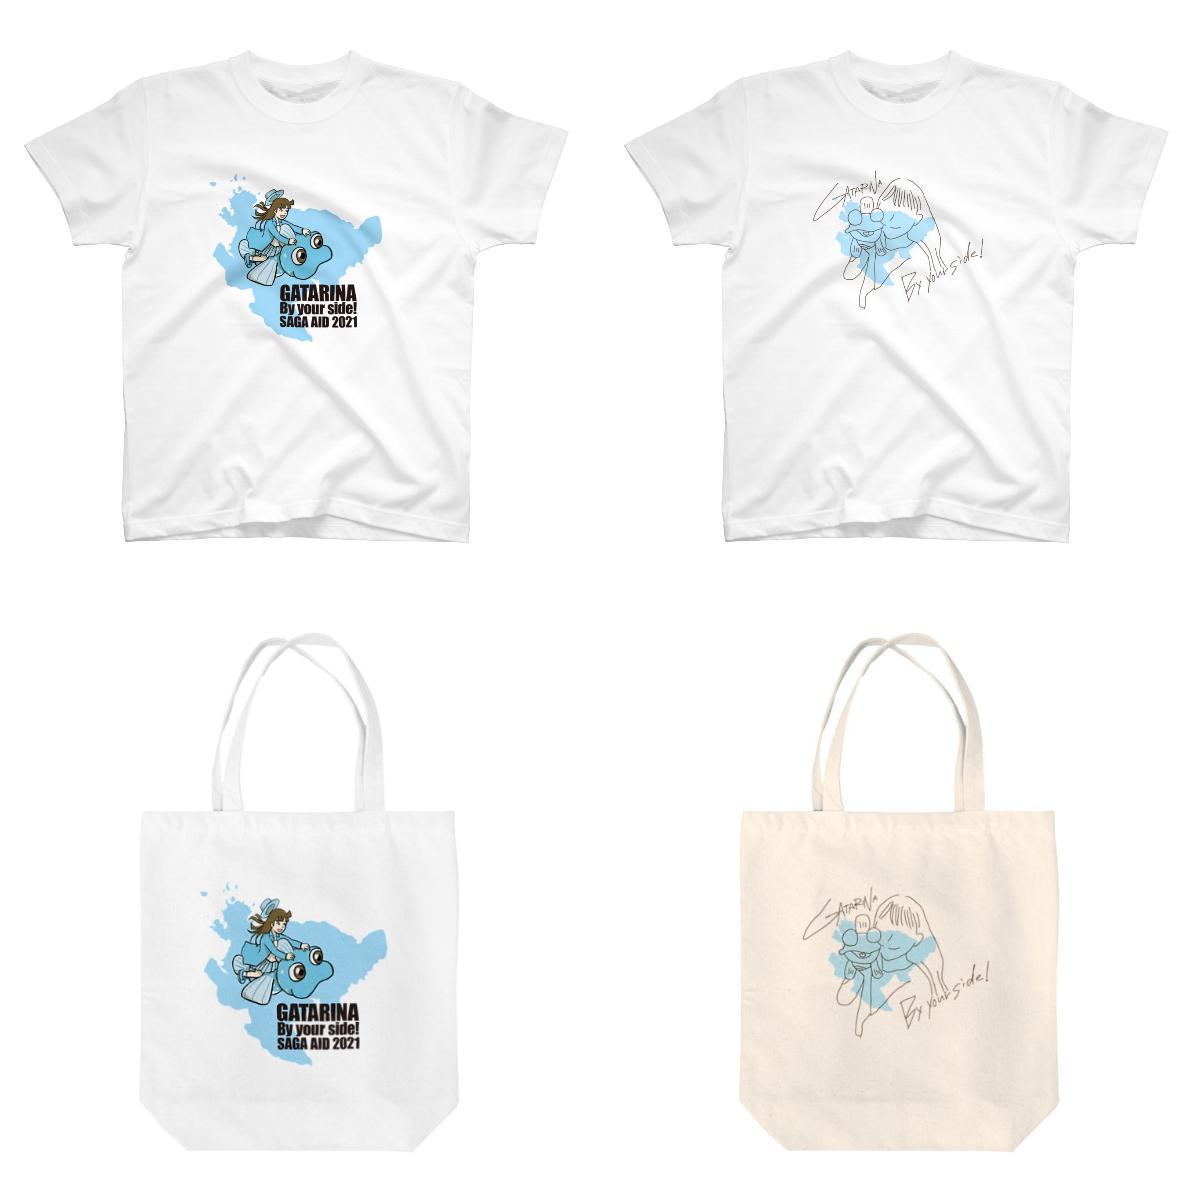 佐賀のご当地キャラ「有明ガタゴロウ」とタレントの青木理奈さんのコンビ「ガタリナ」がデザインしたチャリティTシャツ・トートバッグ